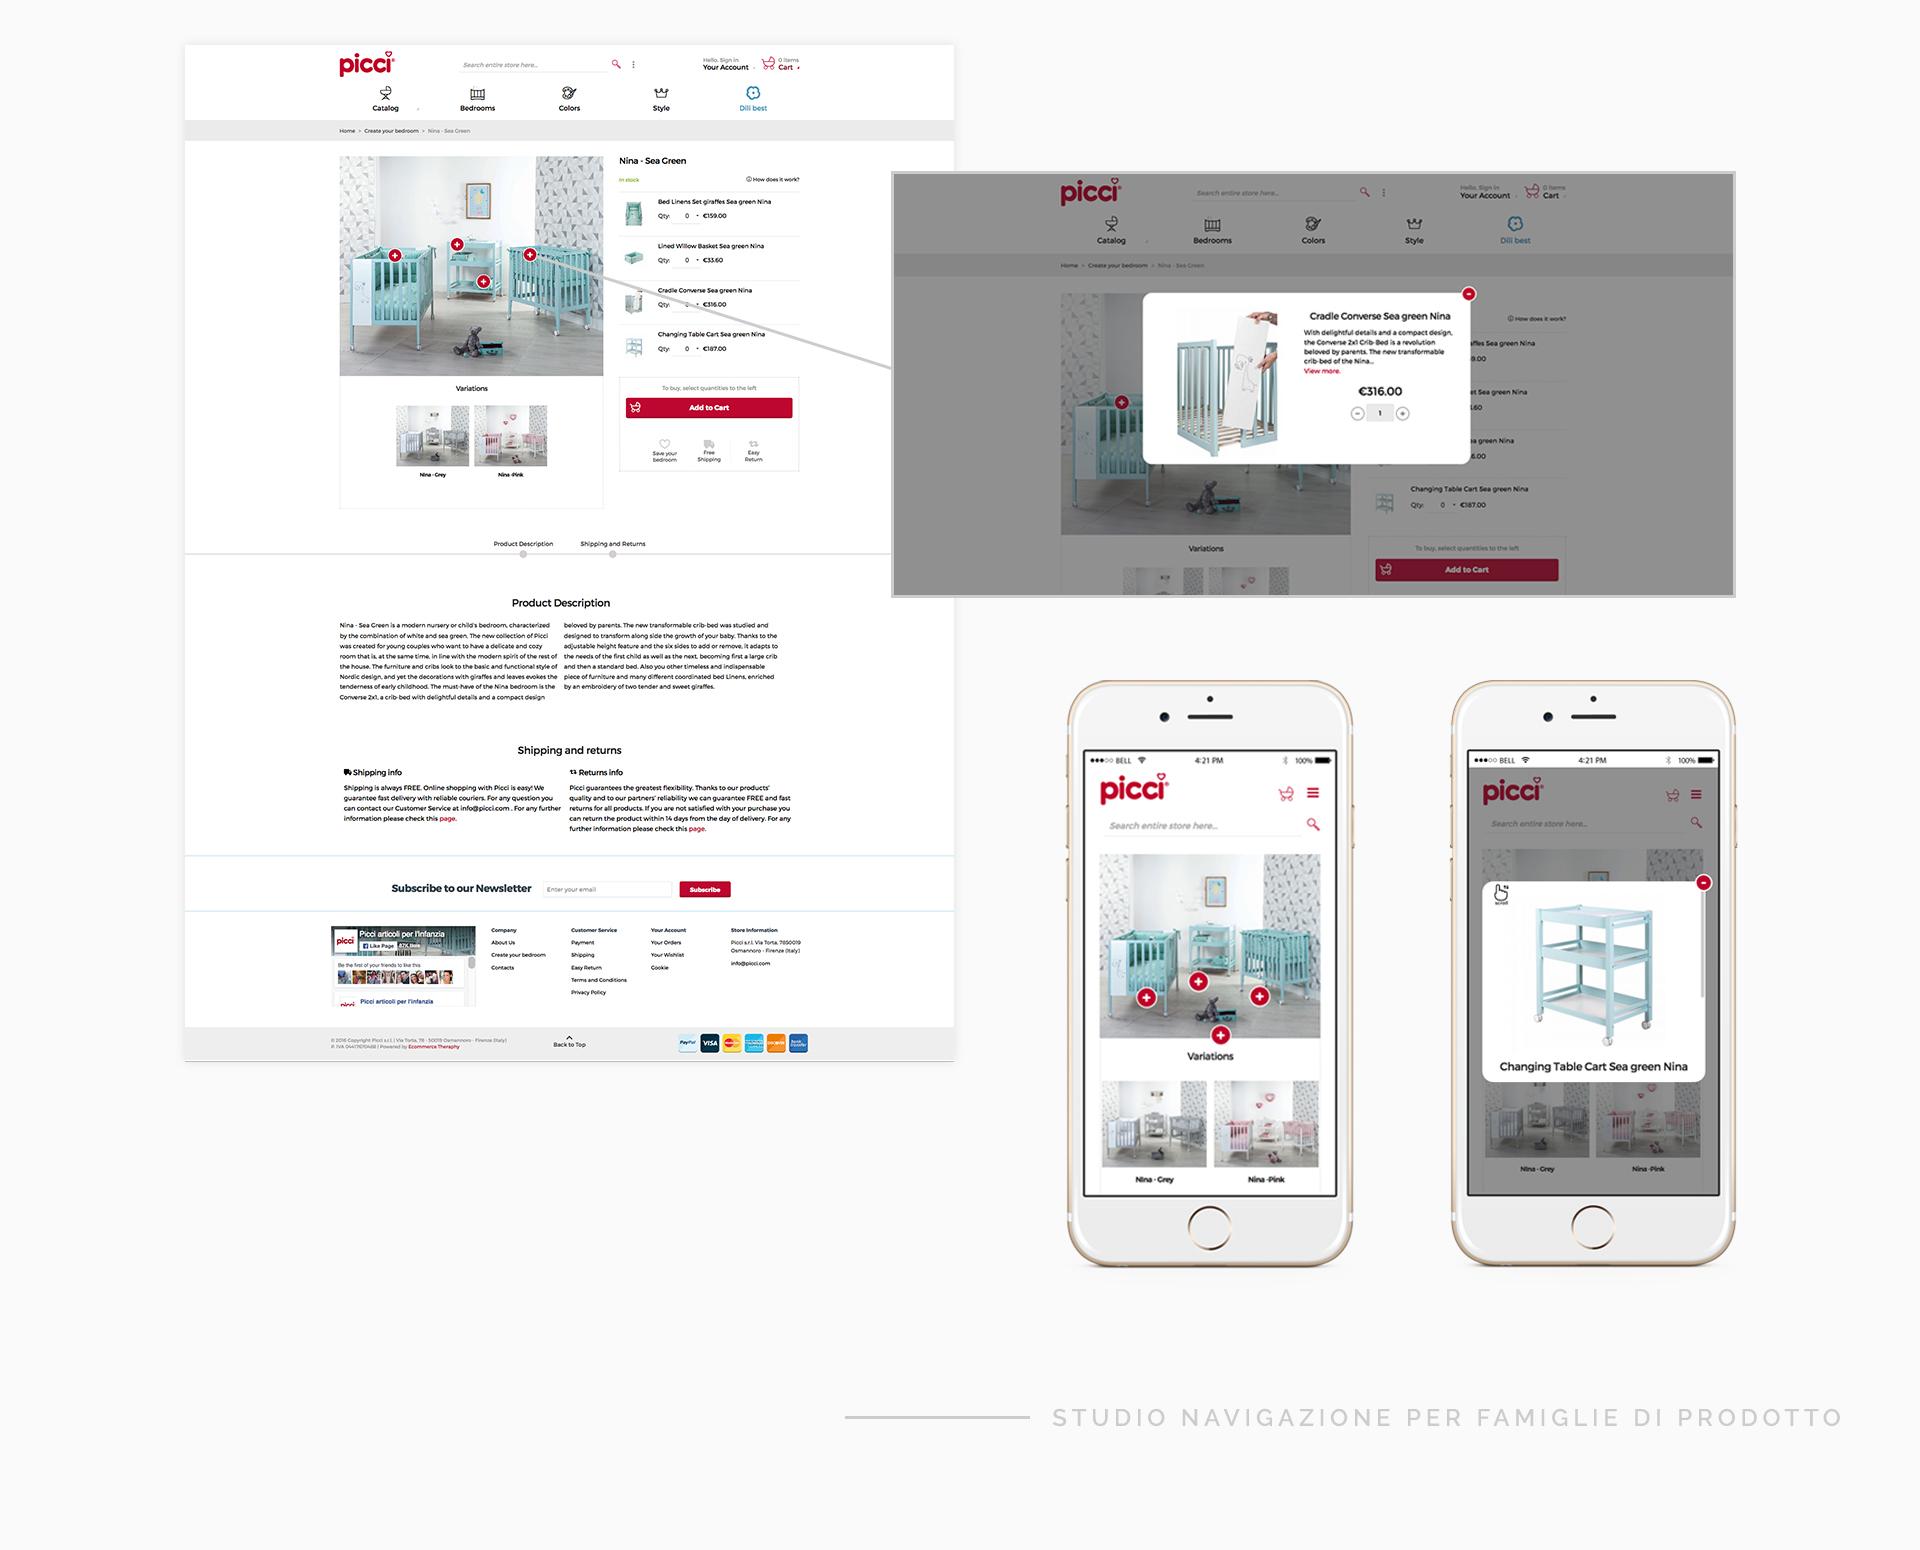 ux design picci by e-commerce therapy